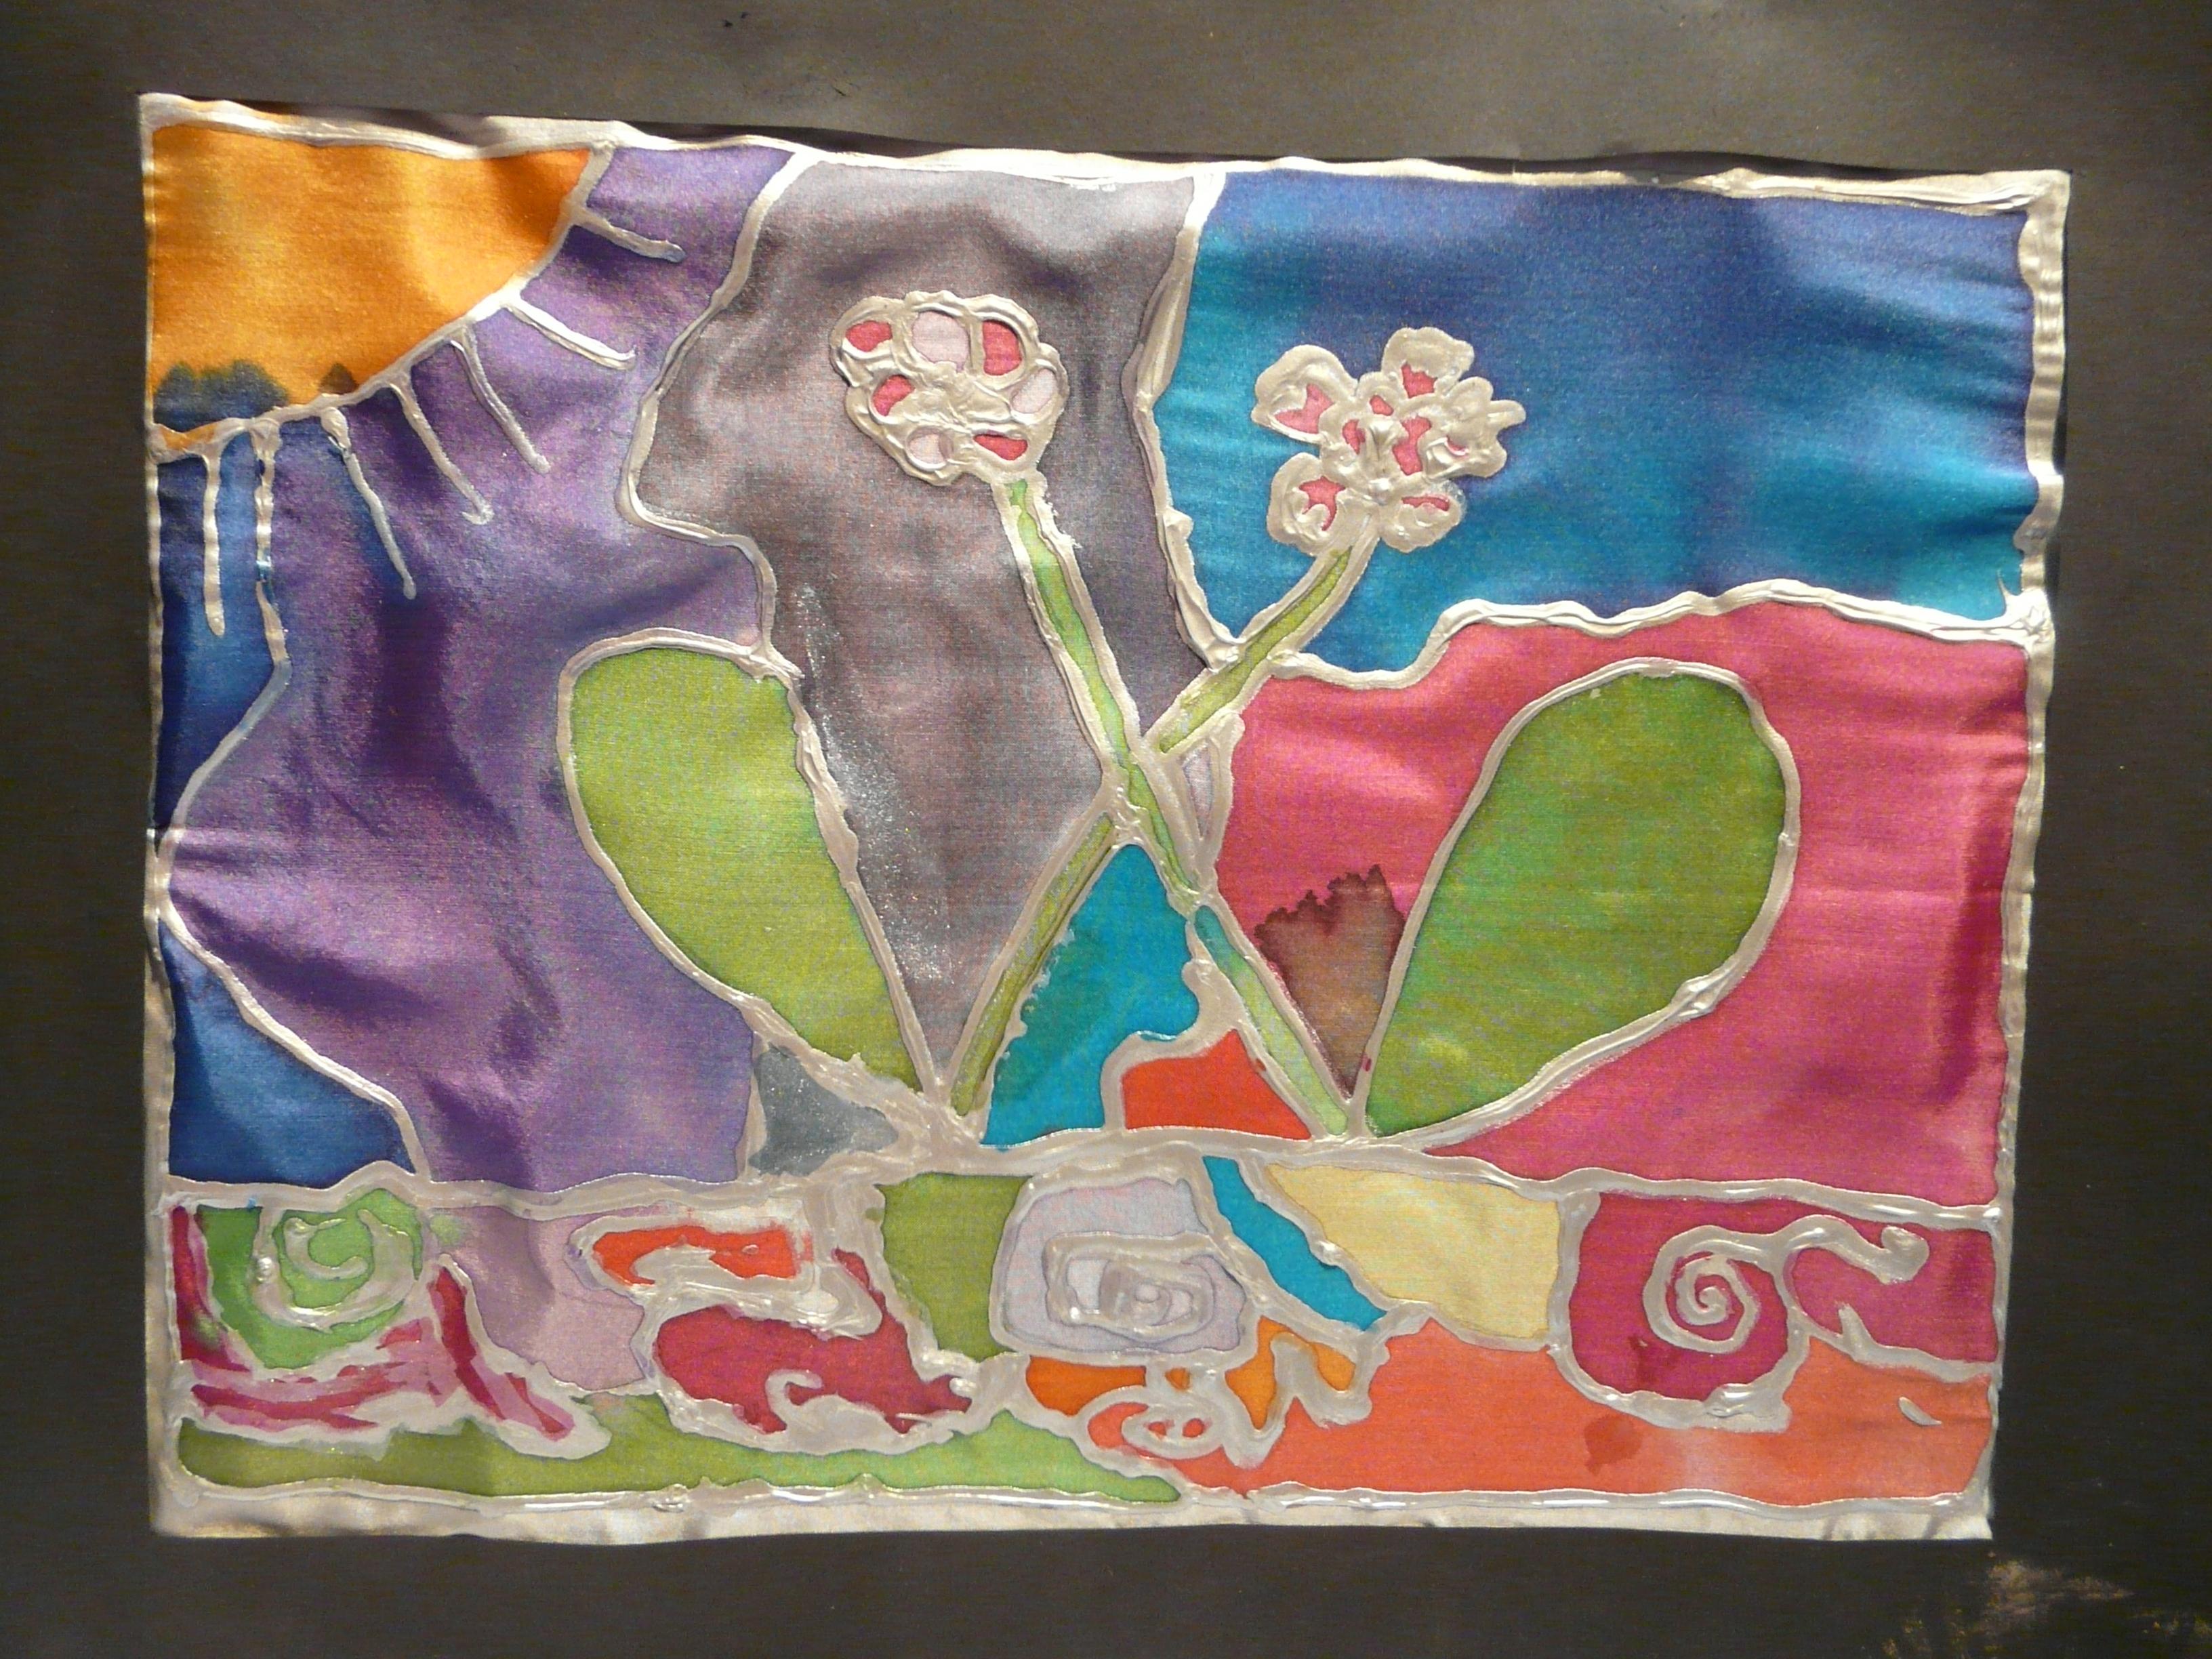 Eden peinture sur soie blog de l 39 atelier autan des couleurs - Comment enlever peinture sur vetement ...